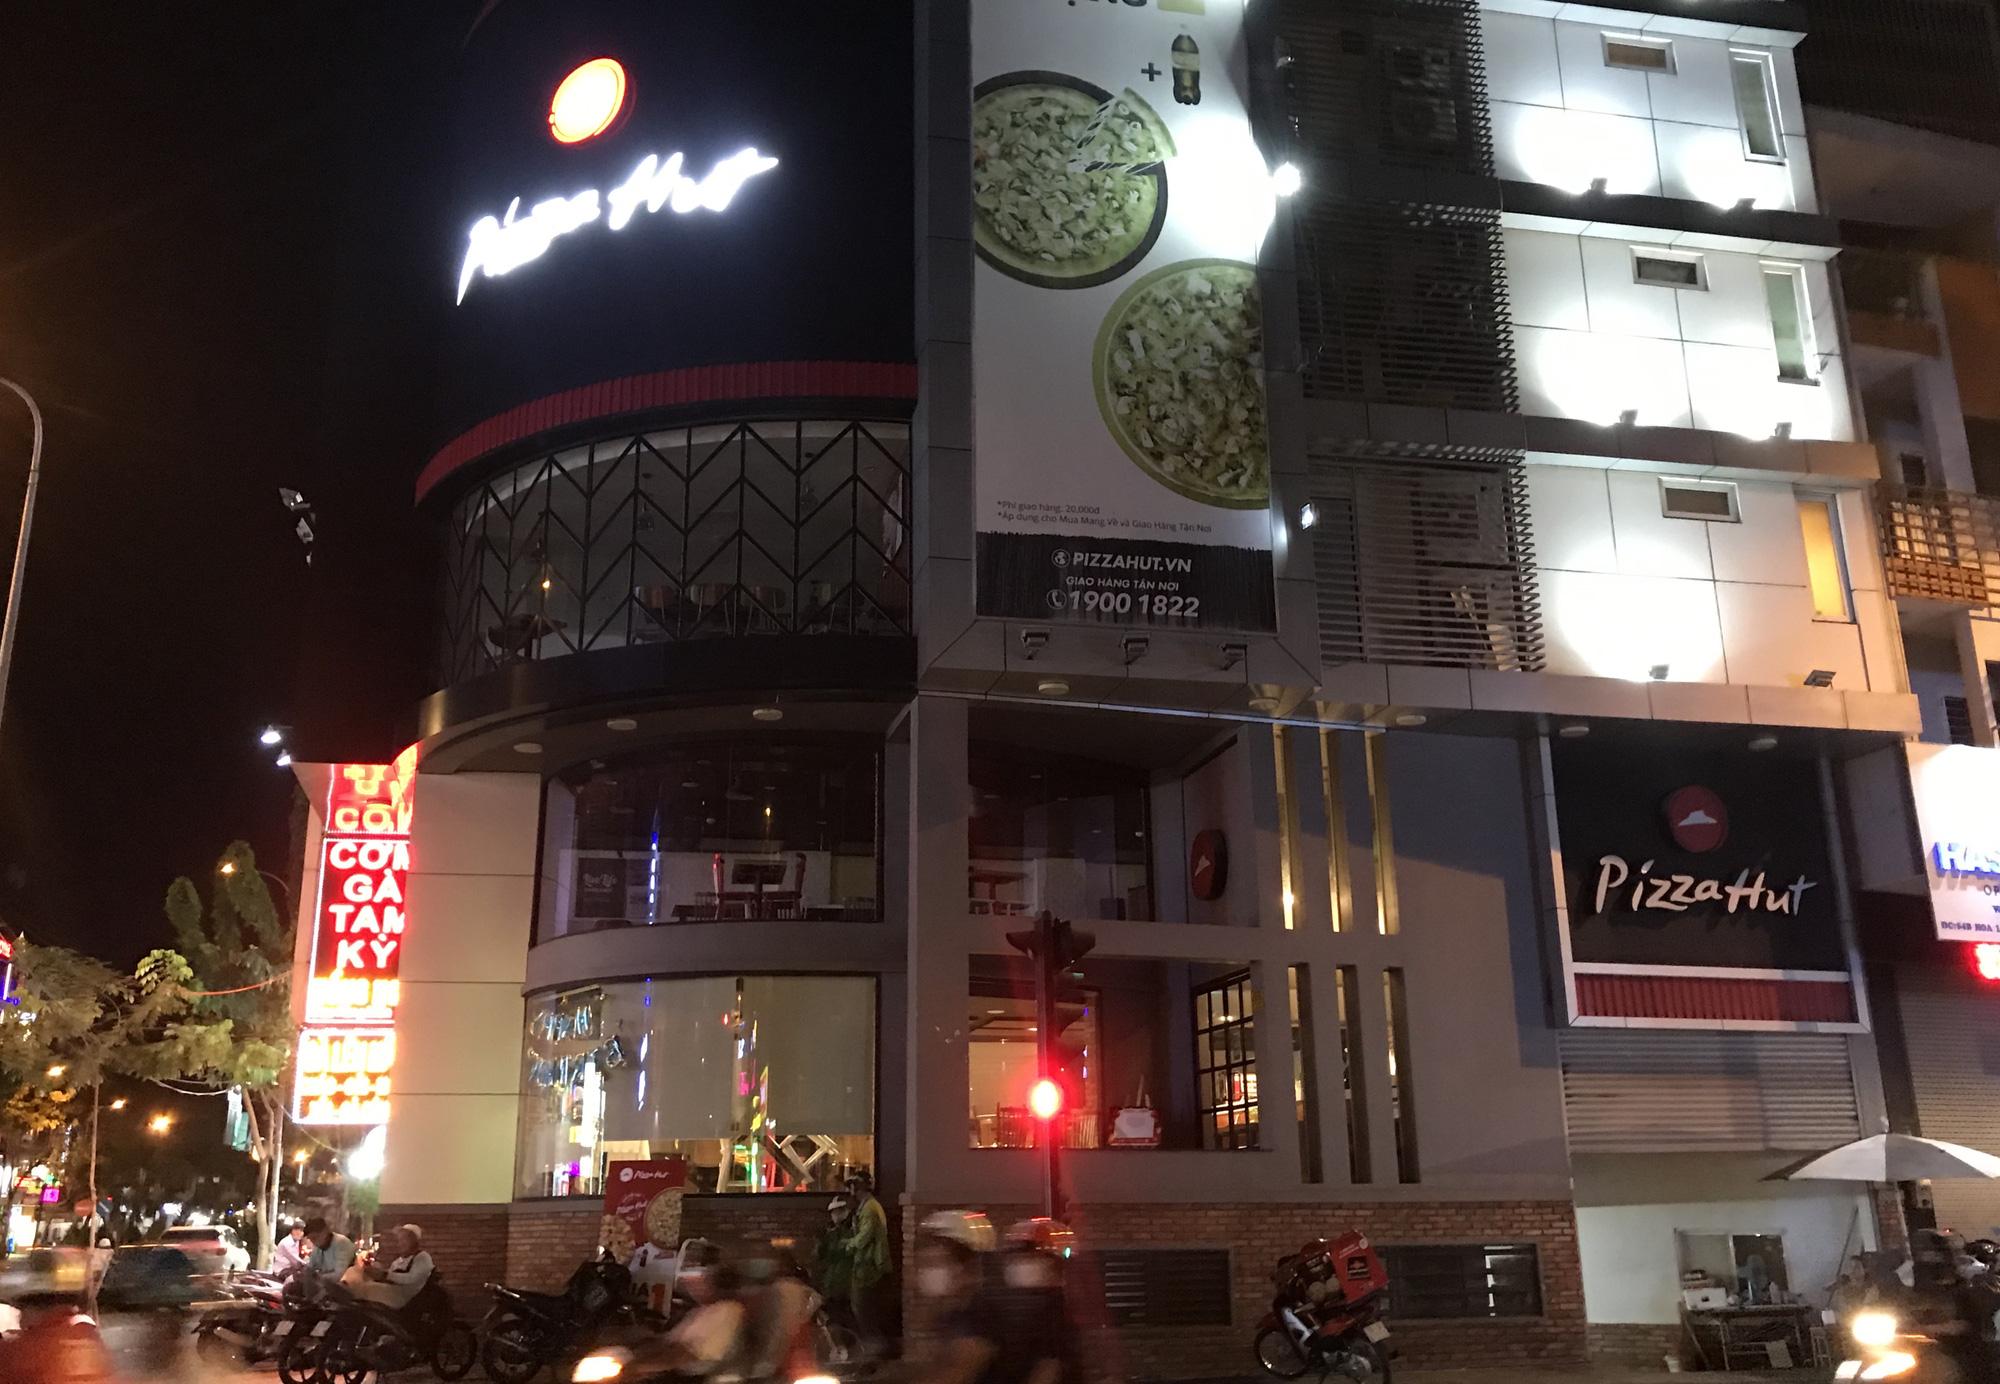 Nhà hàng, quán ăn Sài Gòn vội vàng đóng cửa phòng Covid-19 sau quyết định của UBND TP - Ảnh 7.